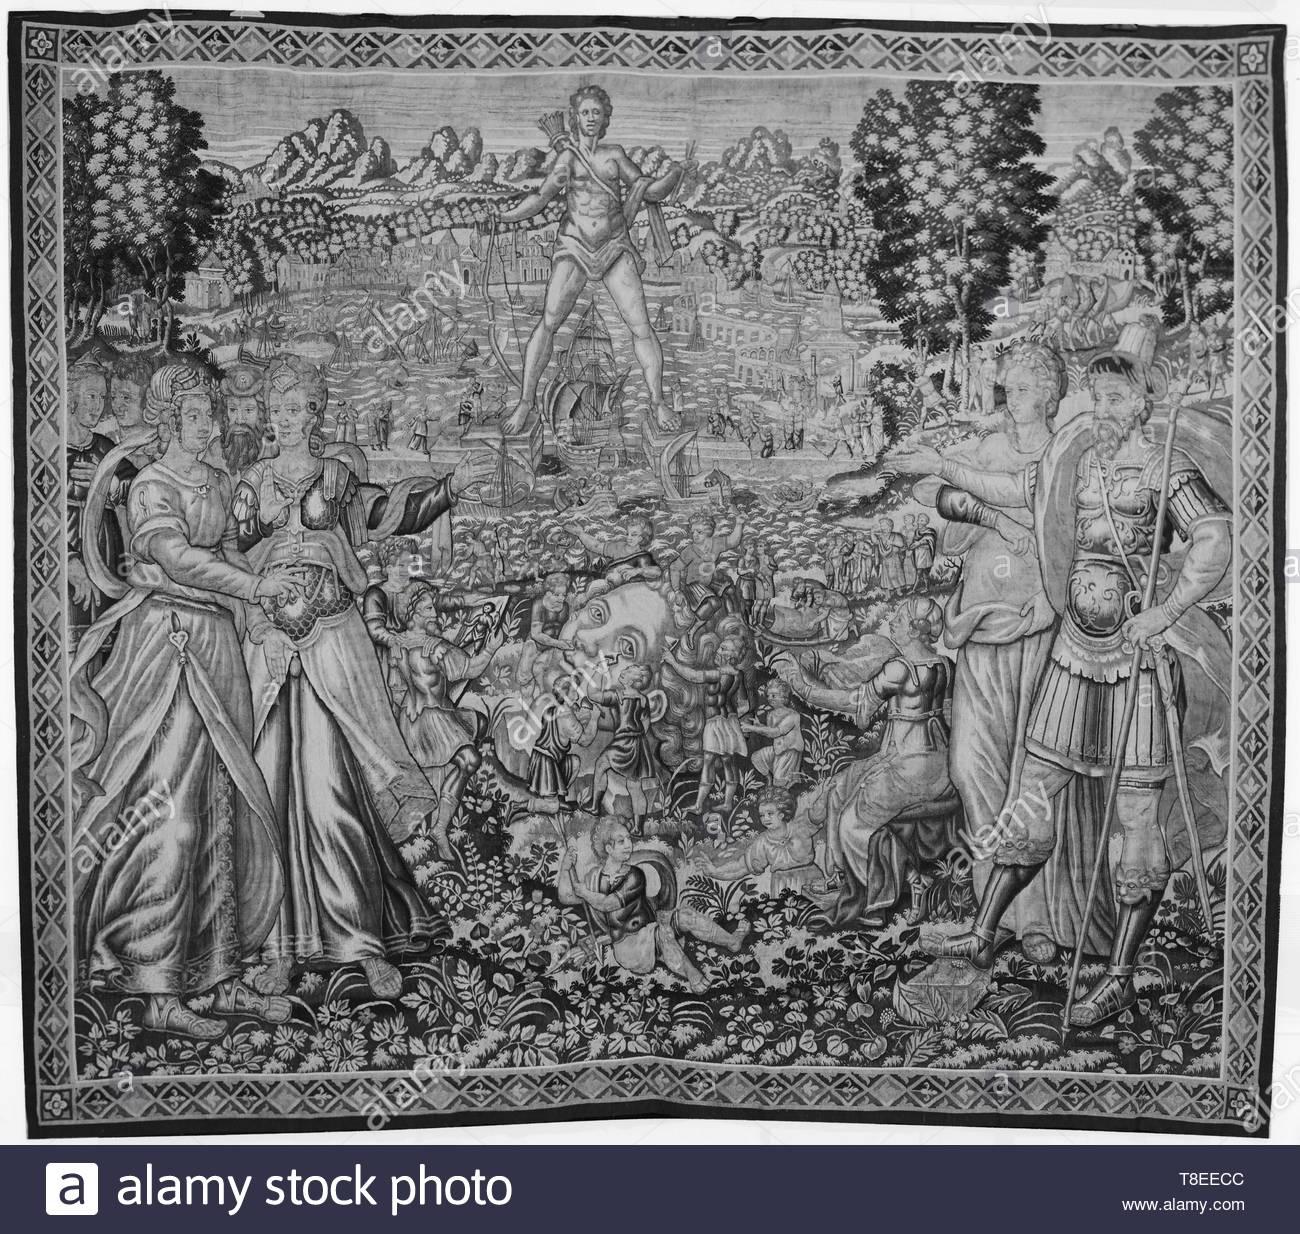 Heemskerck, Marten van (Netherlandish (before 1600) - North Netherlands, 1498-1574) (designed after) [printmaker] br Vos, Marten de (Netherlandish (before 1600) - Flanders, 1532-1603) (designed after) [printmaker]-Col - Stock Image